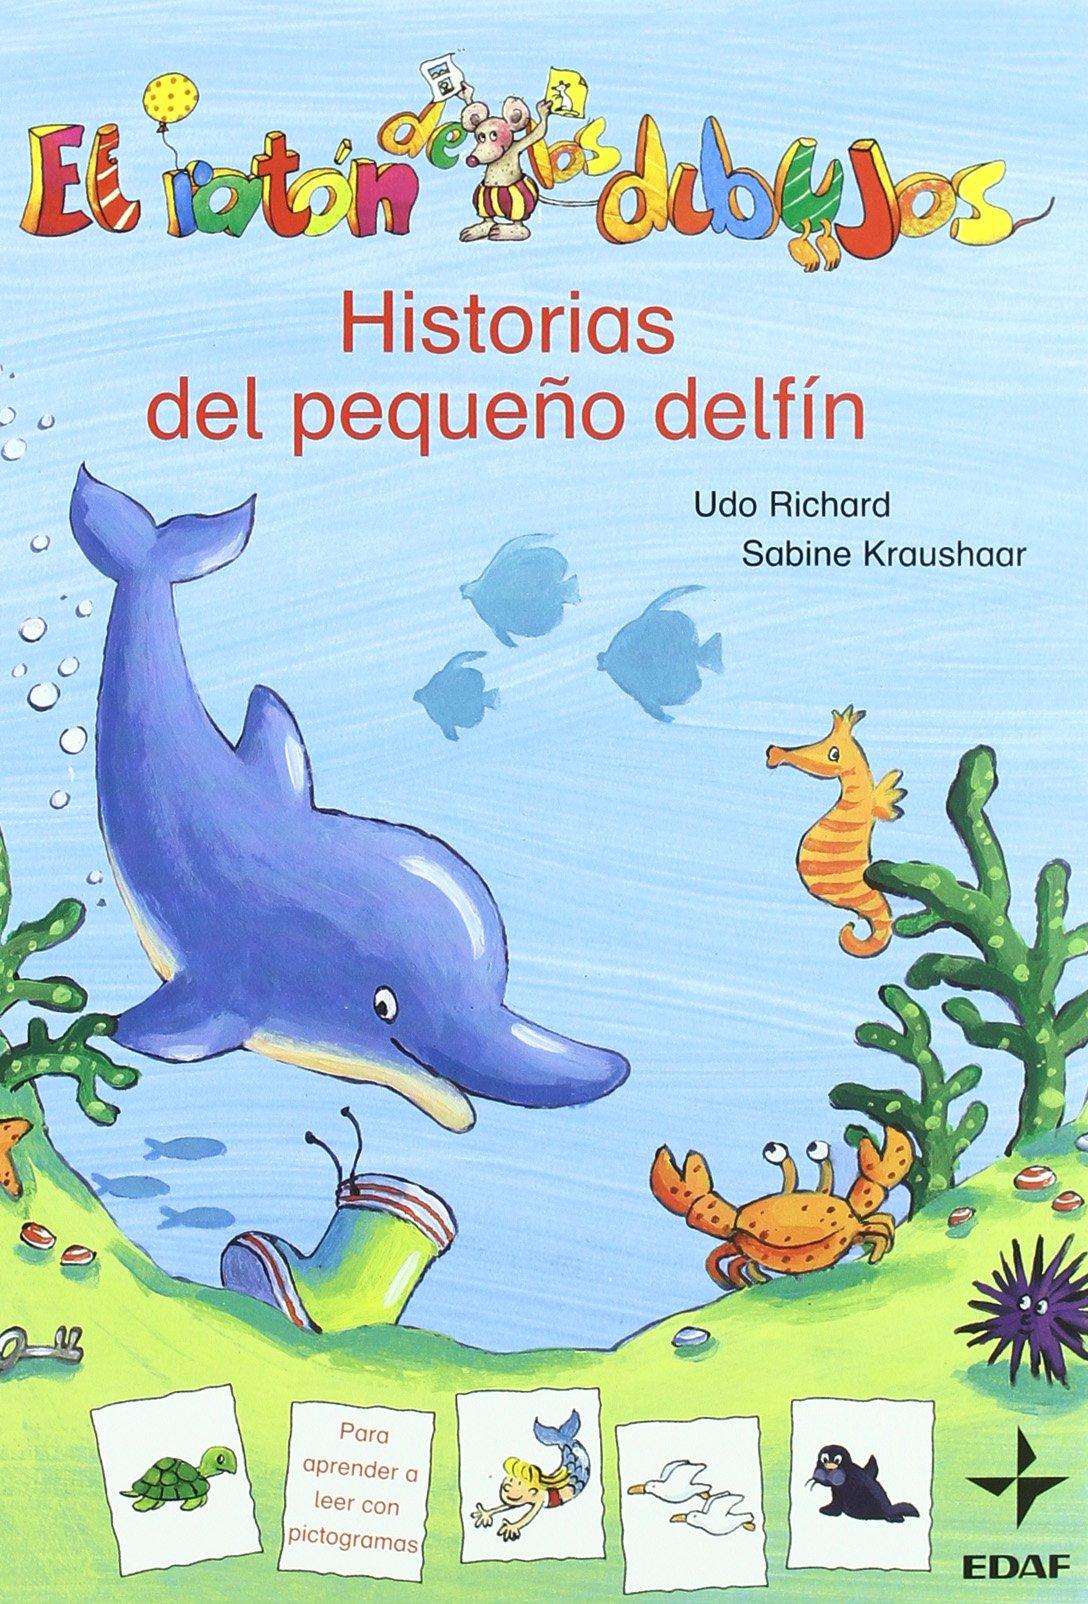 Historia Del Pequeño Delfin (Escalera de Lectura): Amazon.es: Richard, Udo, Kraushaar, Sabine, Kraushaar, Sabine, Gómez, Susana: Libros